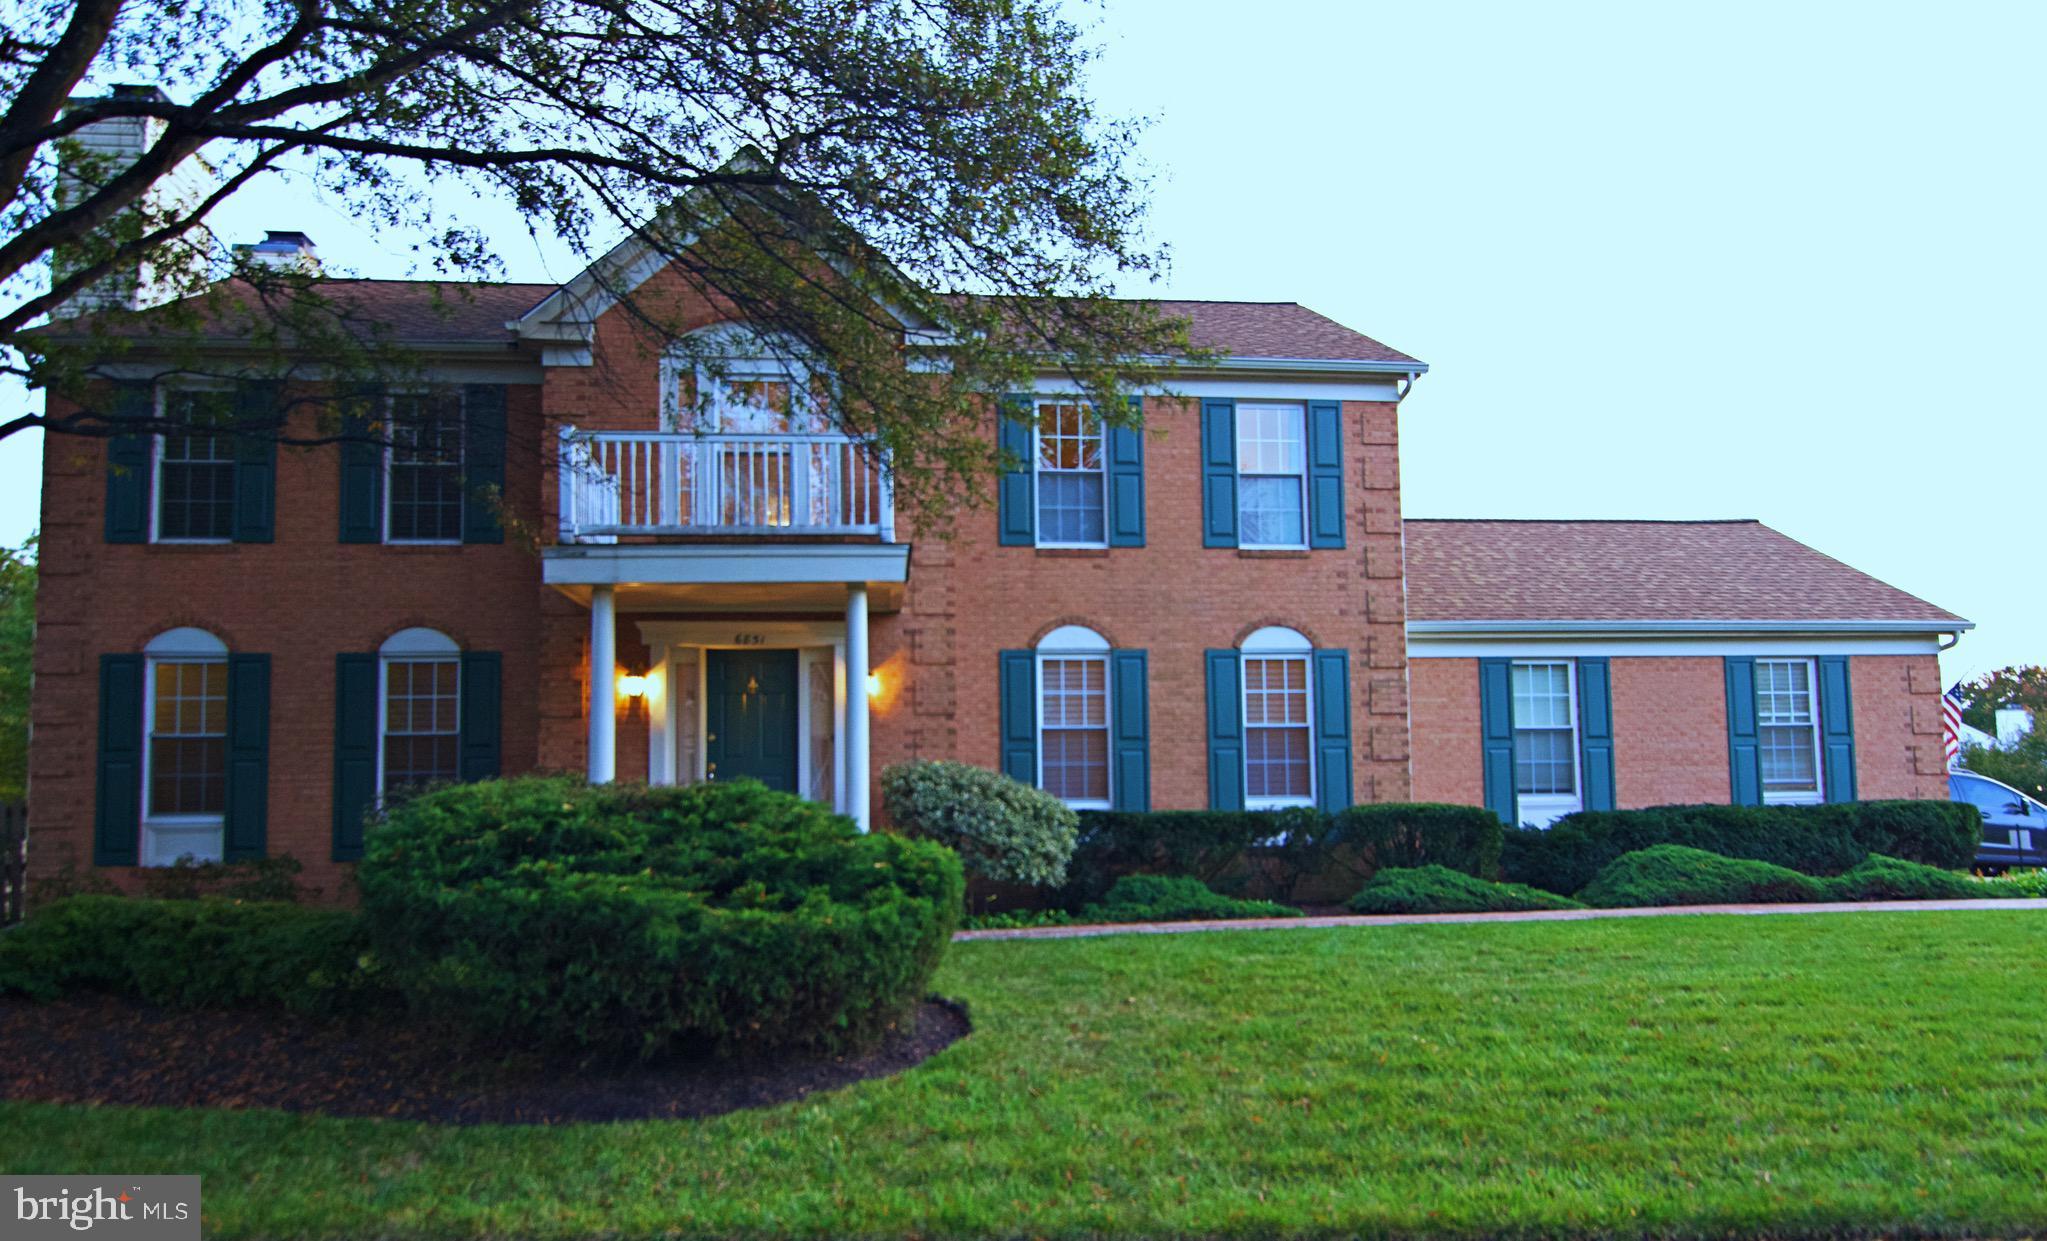 6851 Muskett Wy, Centreville, VA, 20121